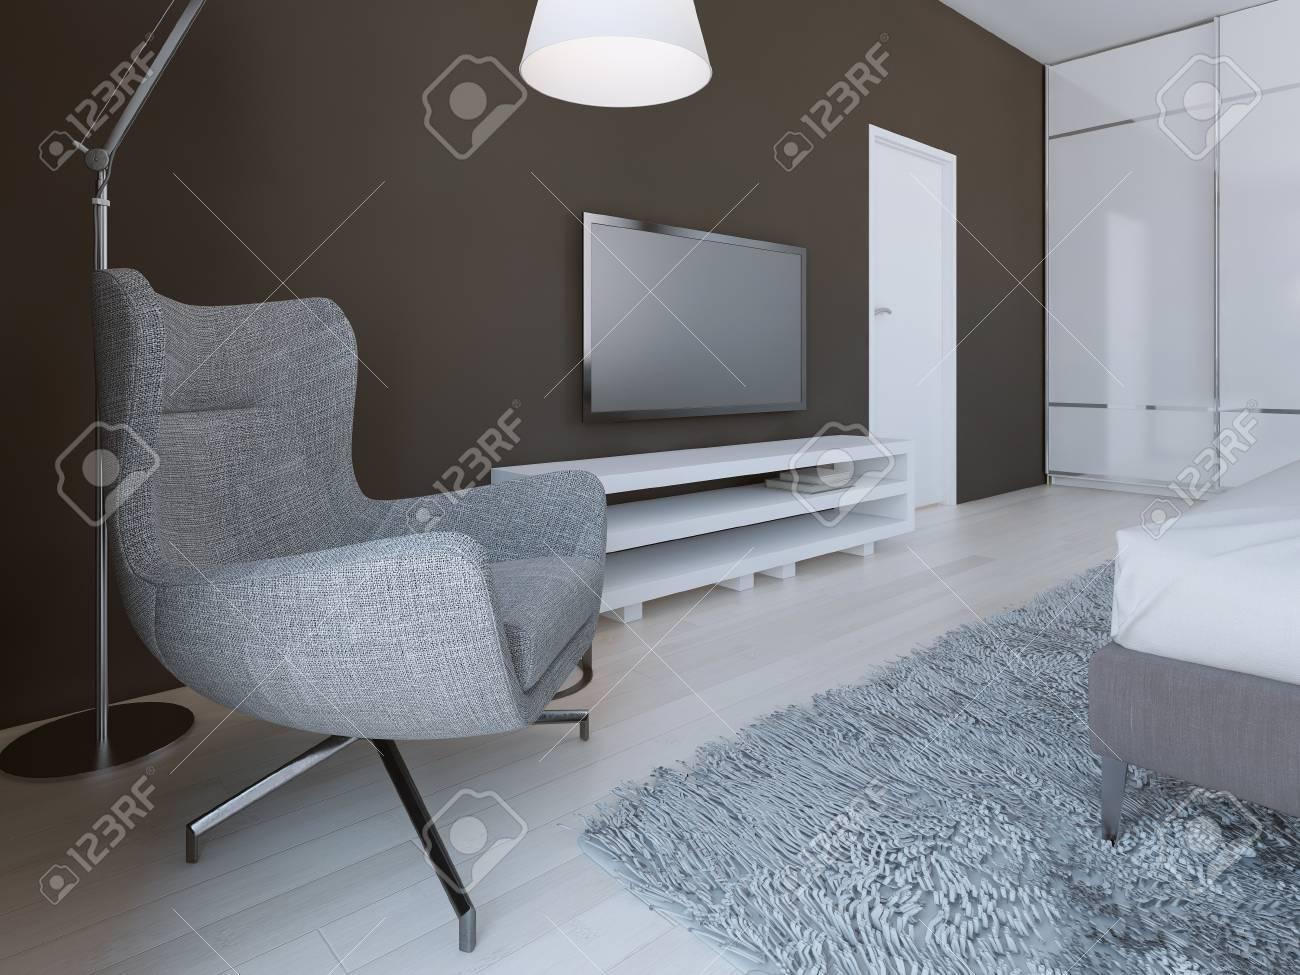 weiche graue sessel in minimalistischen schlafzimmer. 3d übertragen